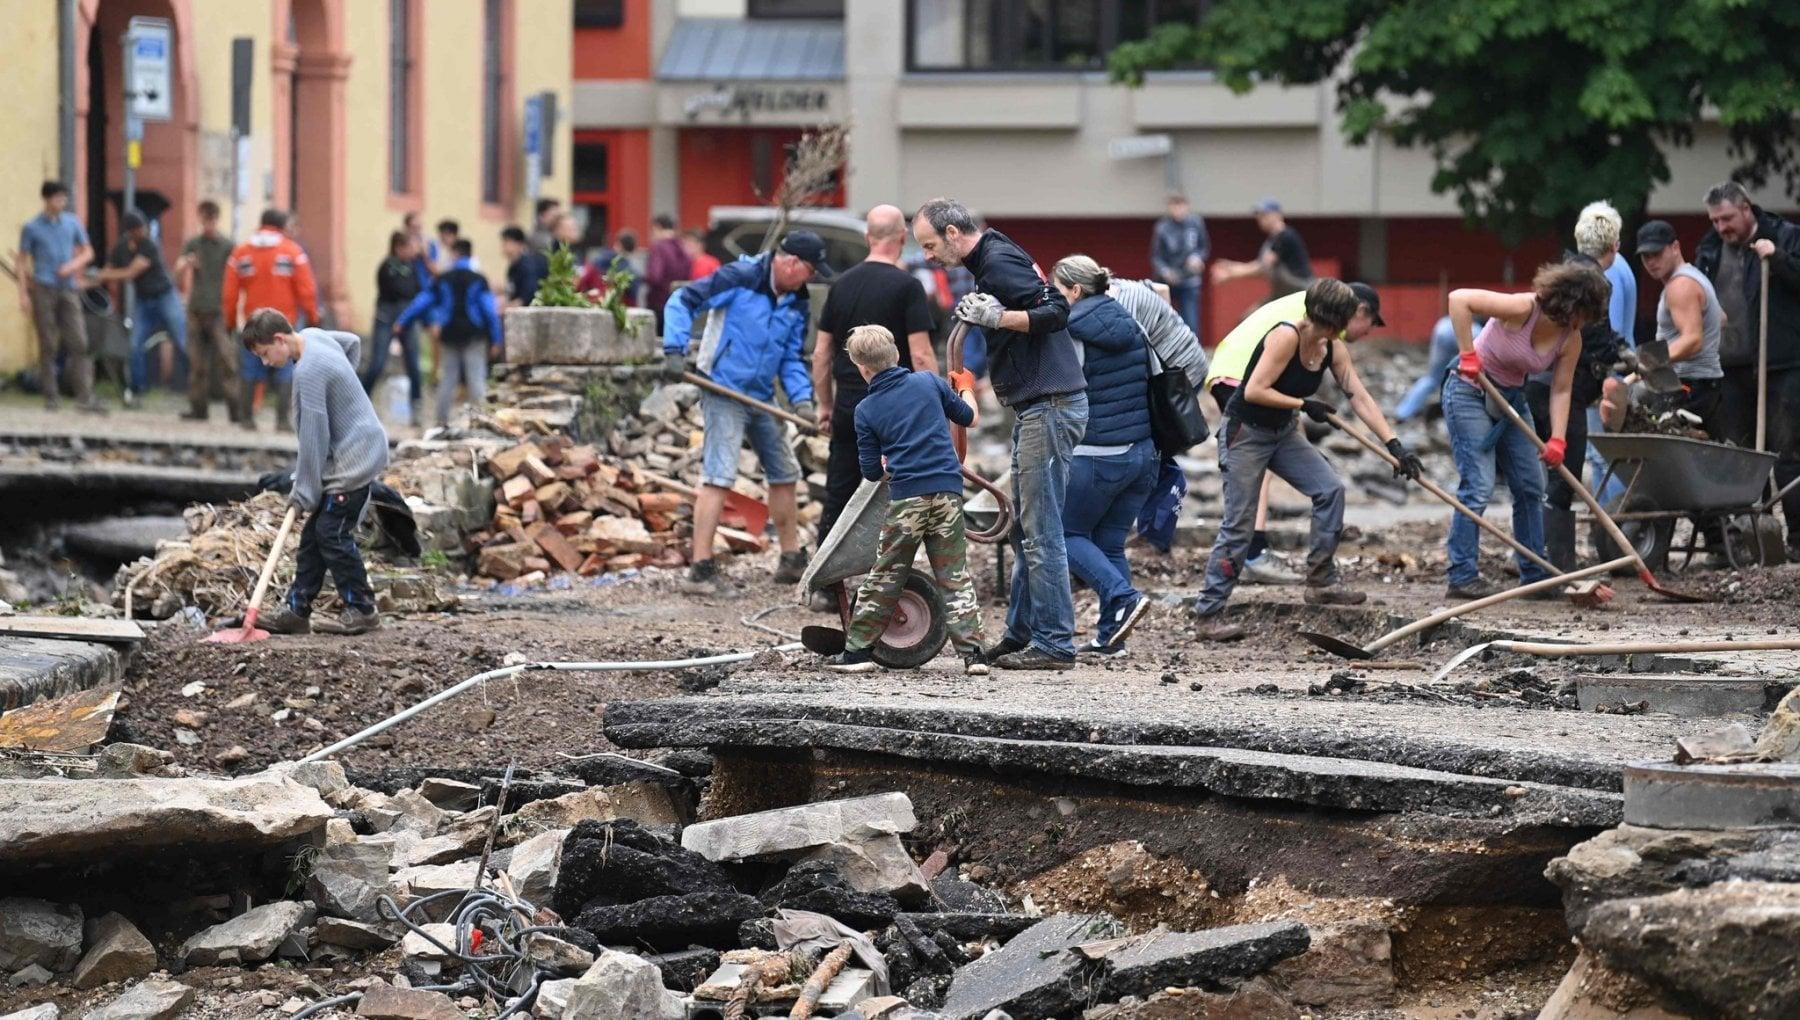 """222213906 4b5bb05e 7455 4b26 93b3 21ebd6460afb - Alluvione in Europa, parla Sachs: """"Dalla Cina all'India, ora fermiamo i Grandi Inquinatori"""""""